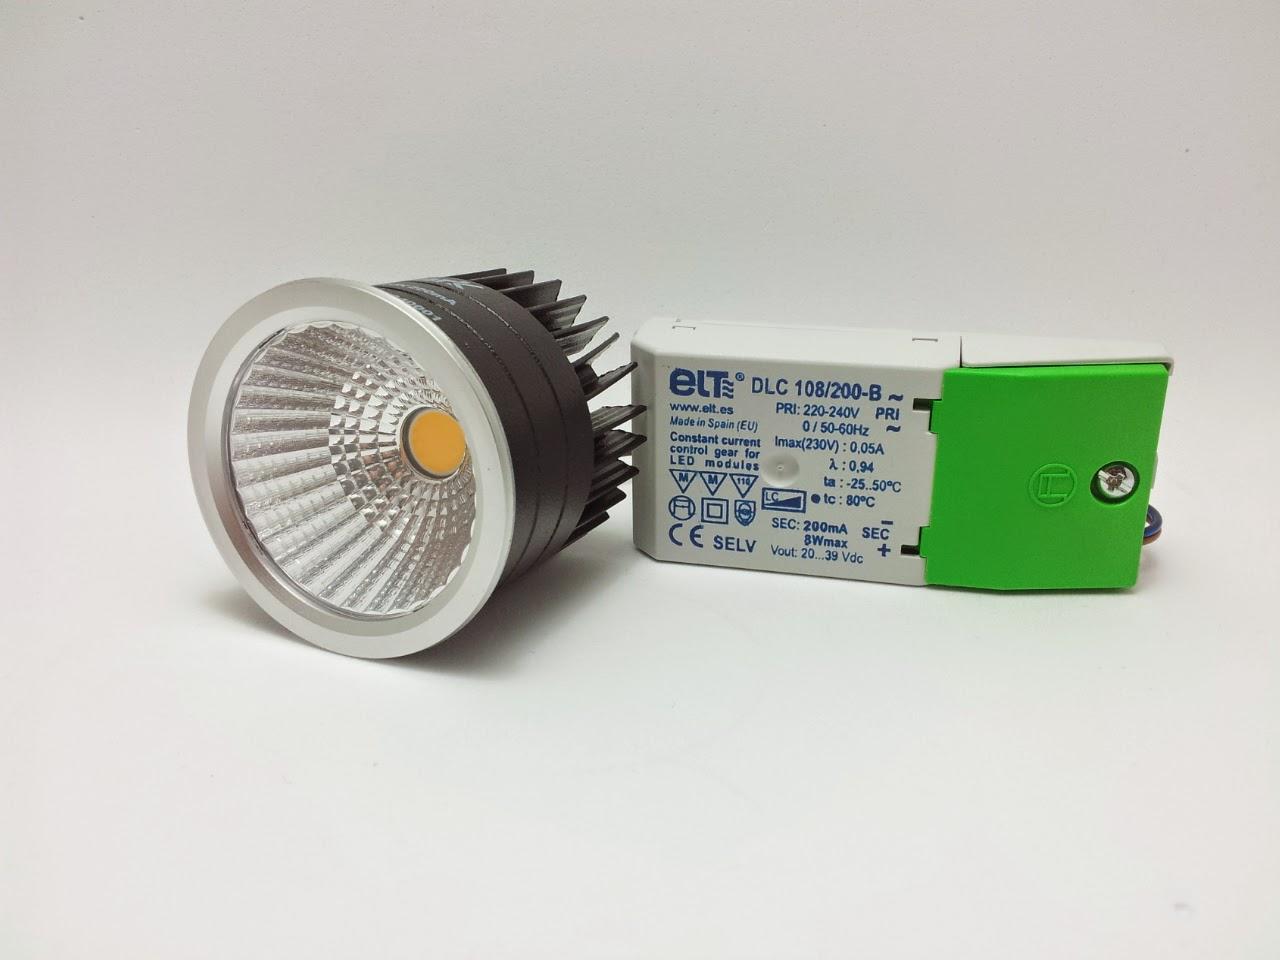 Iluminacion Baño Halogenos:Luz Actual SL Iluminación Técnica y Proyectos: Iluminación para